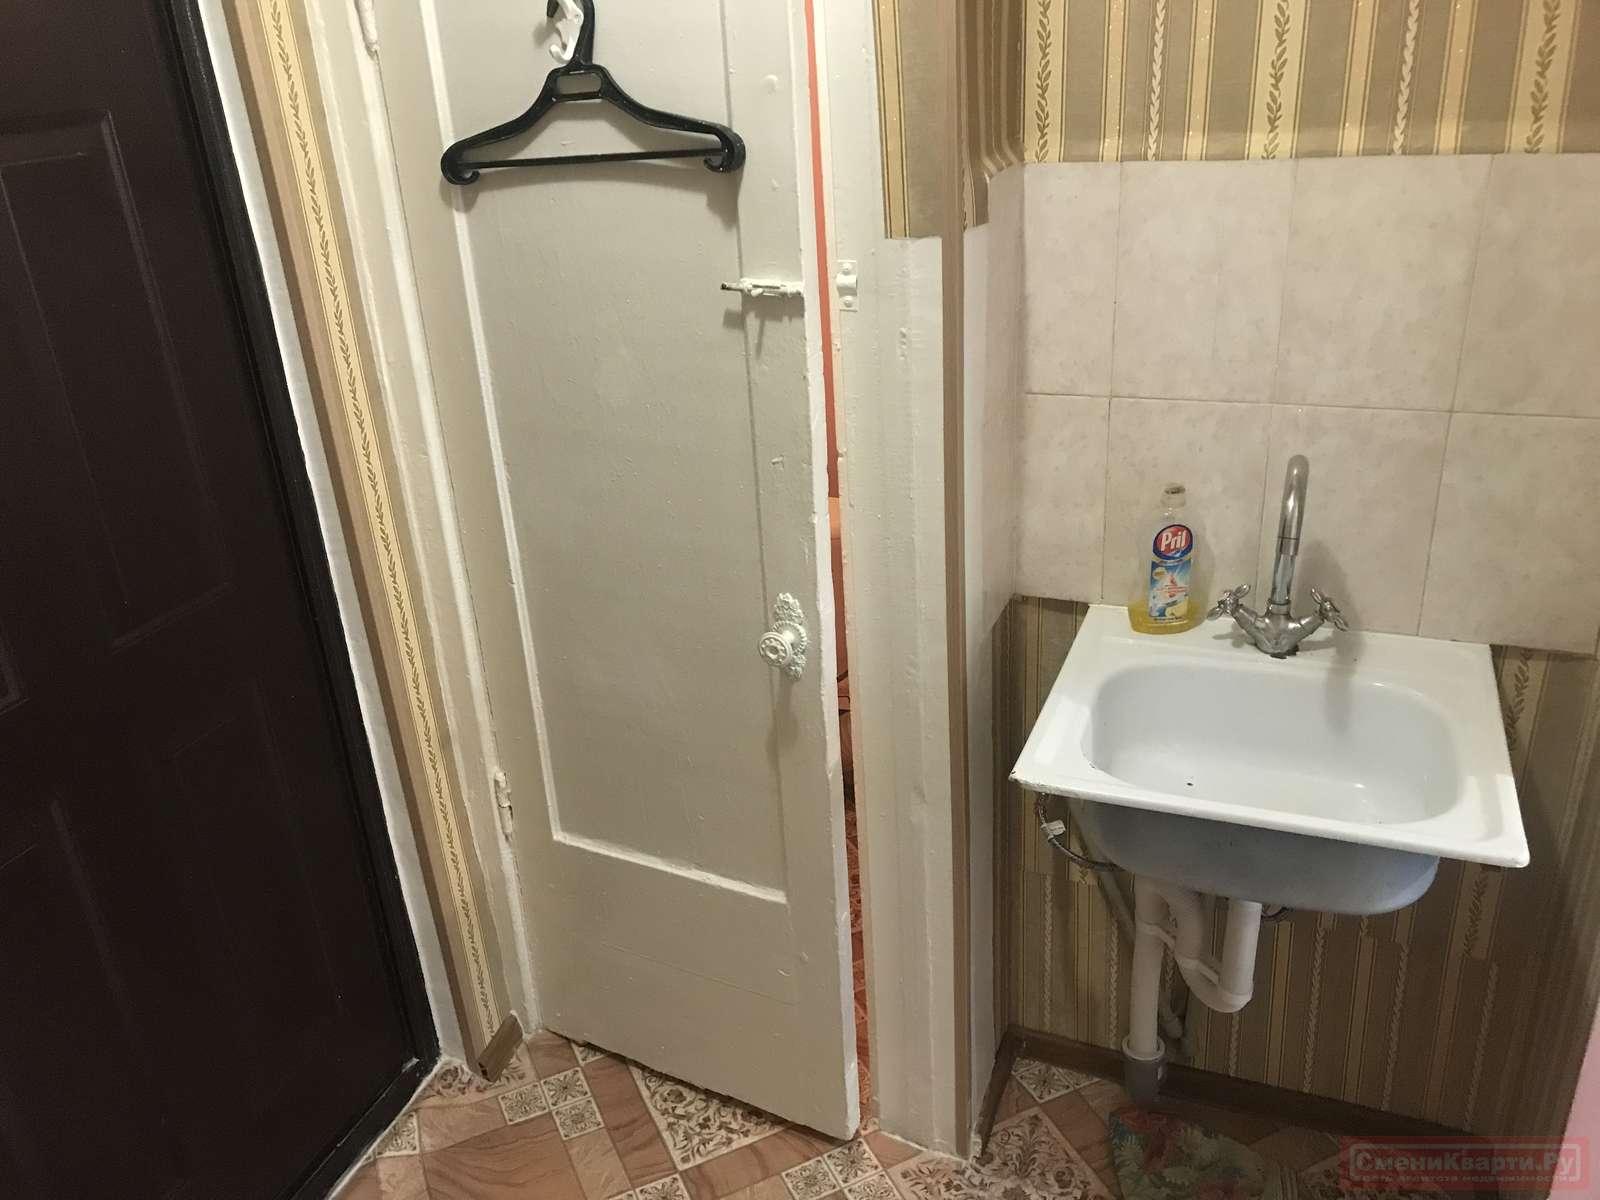 Продажа 1-комнатной квартиры, г. Тольятти, Молодежный бульвар  дом 25